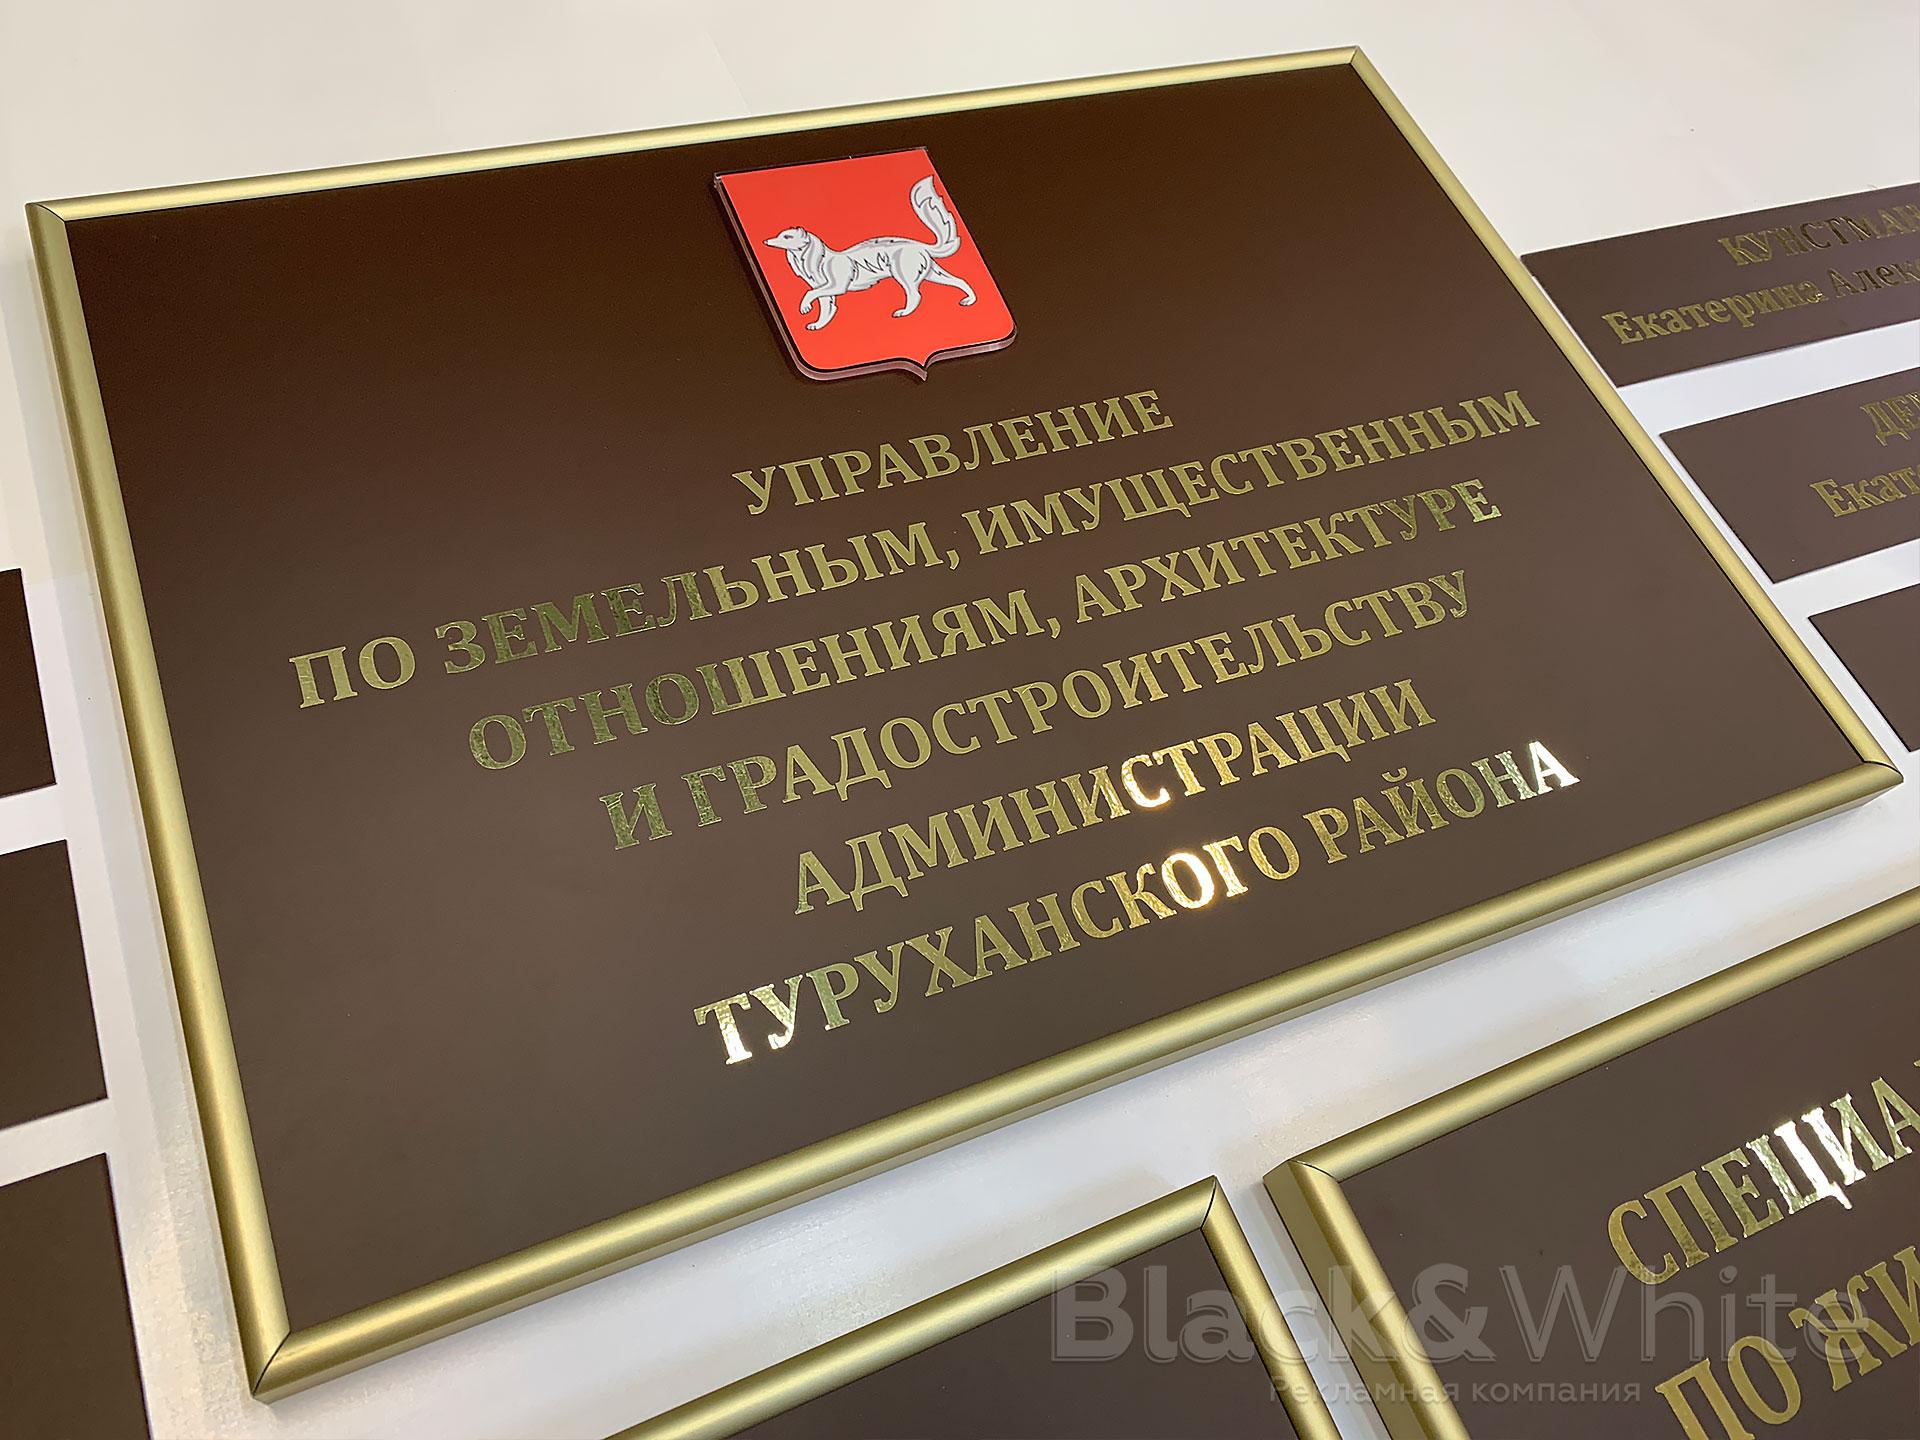 Фасадные-таблички-Компания-Black&White-красноярск-BWkras..jpg